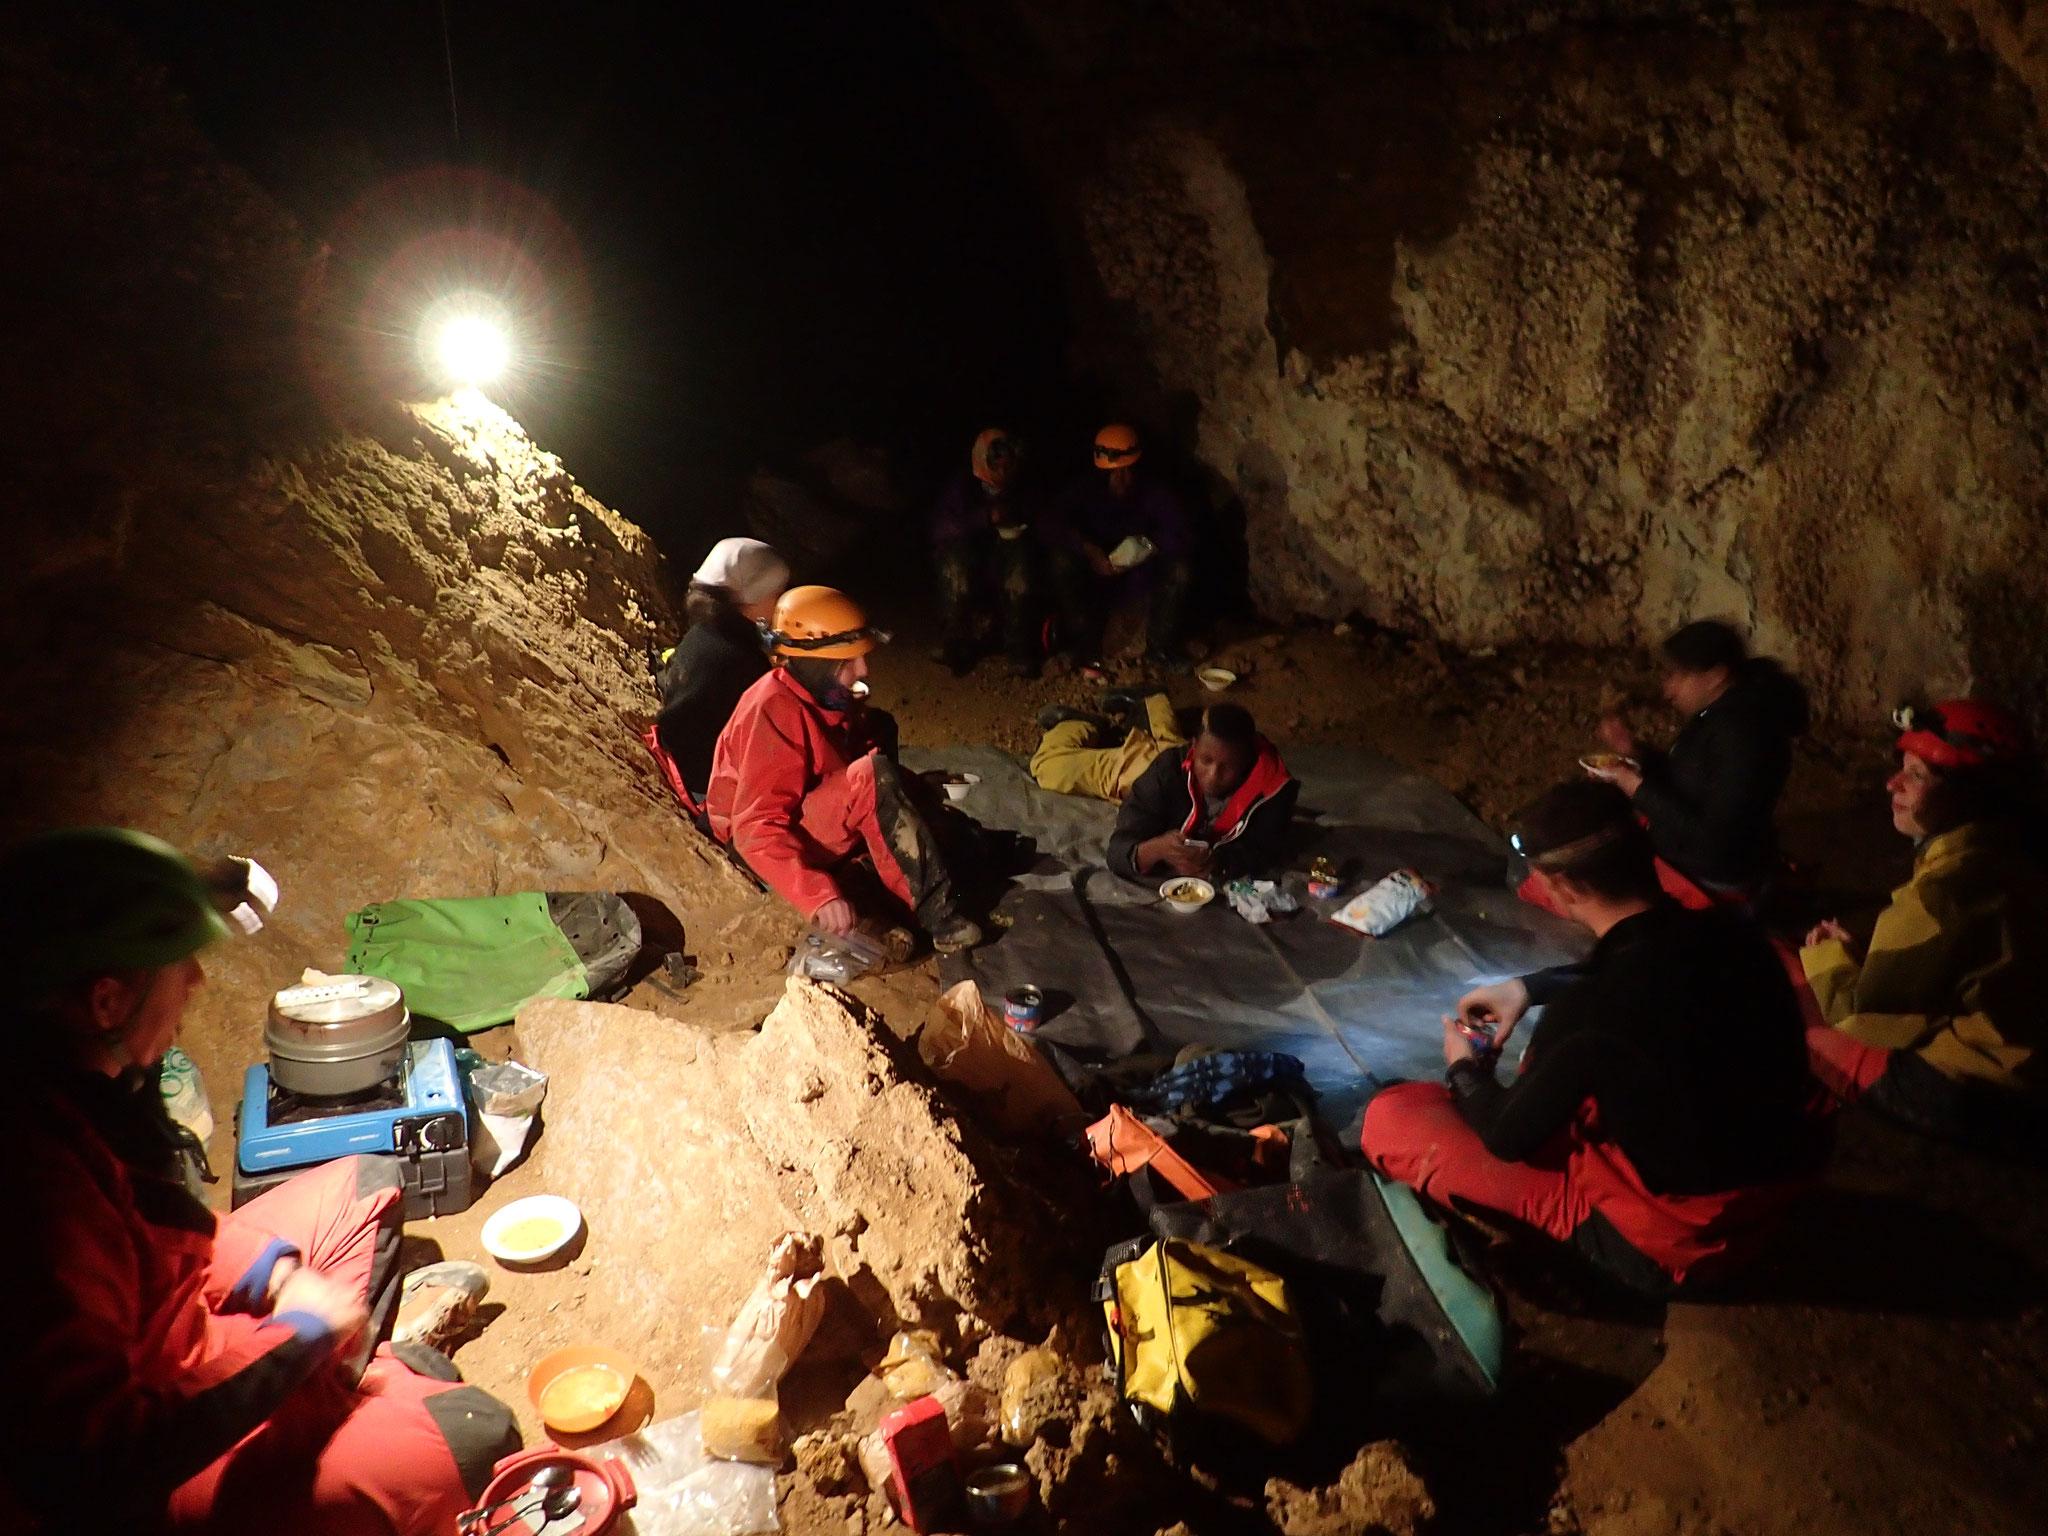 Dormir dans une grotte